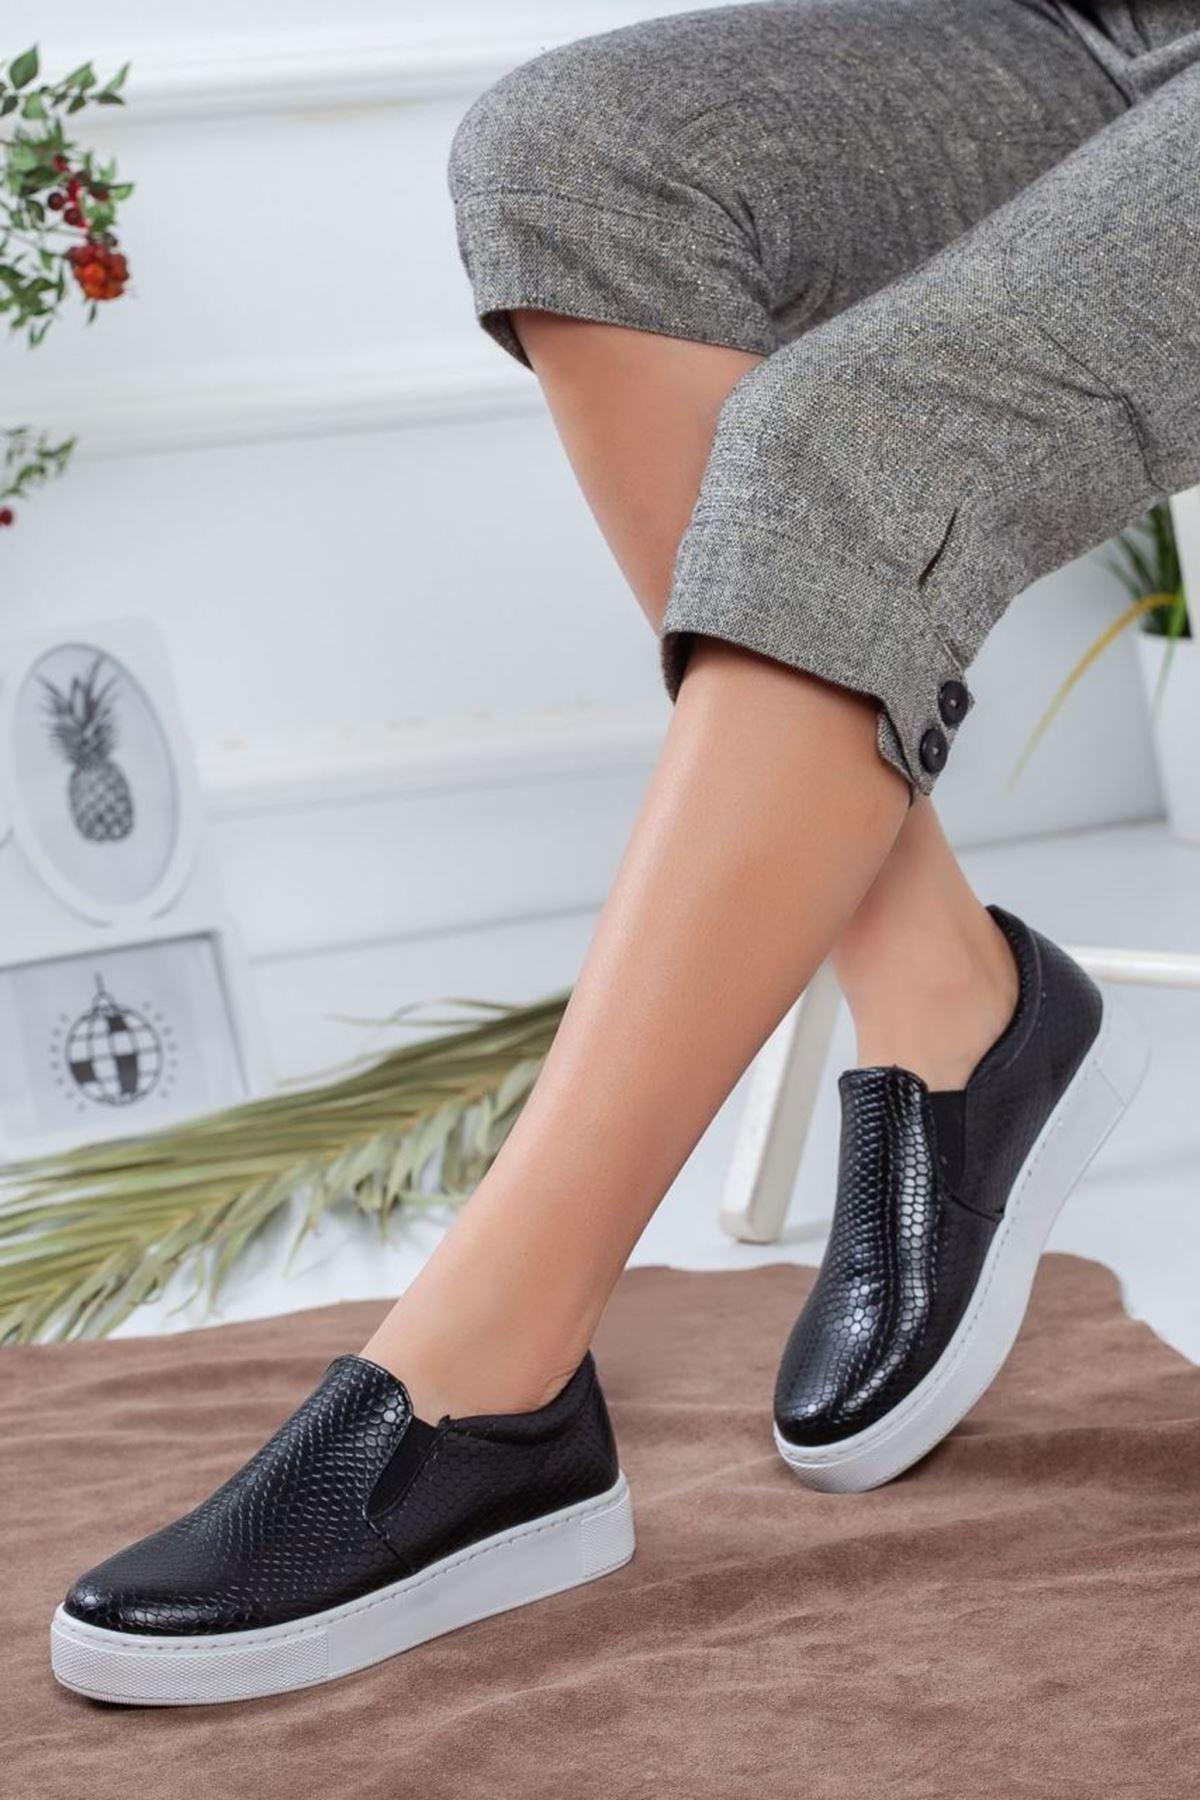 Kadın Tina Yılan Desen Spor Ayakkabı Siyah